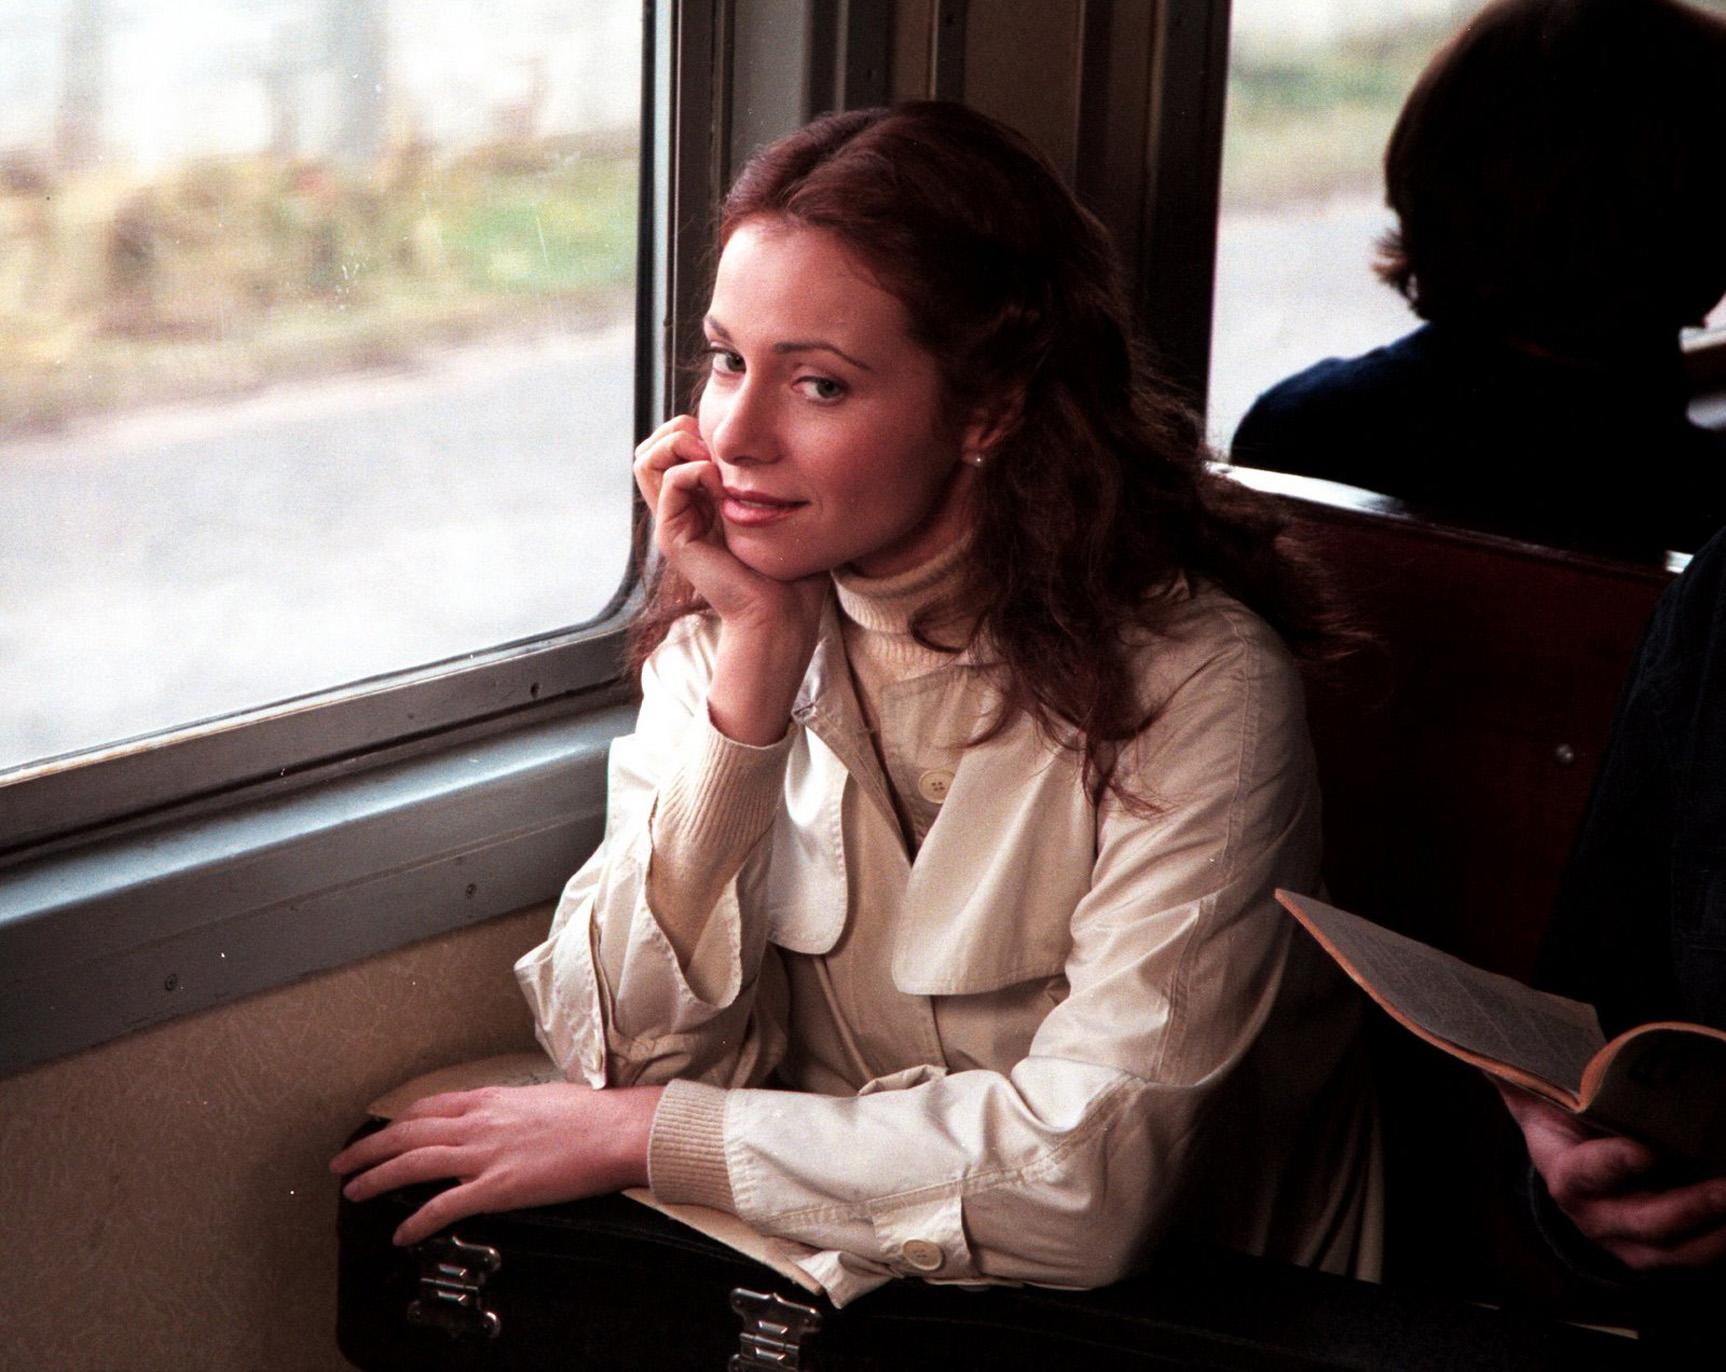 Екатерина гусева ekaterina guseva фото 208995